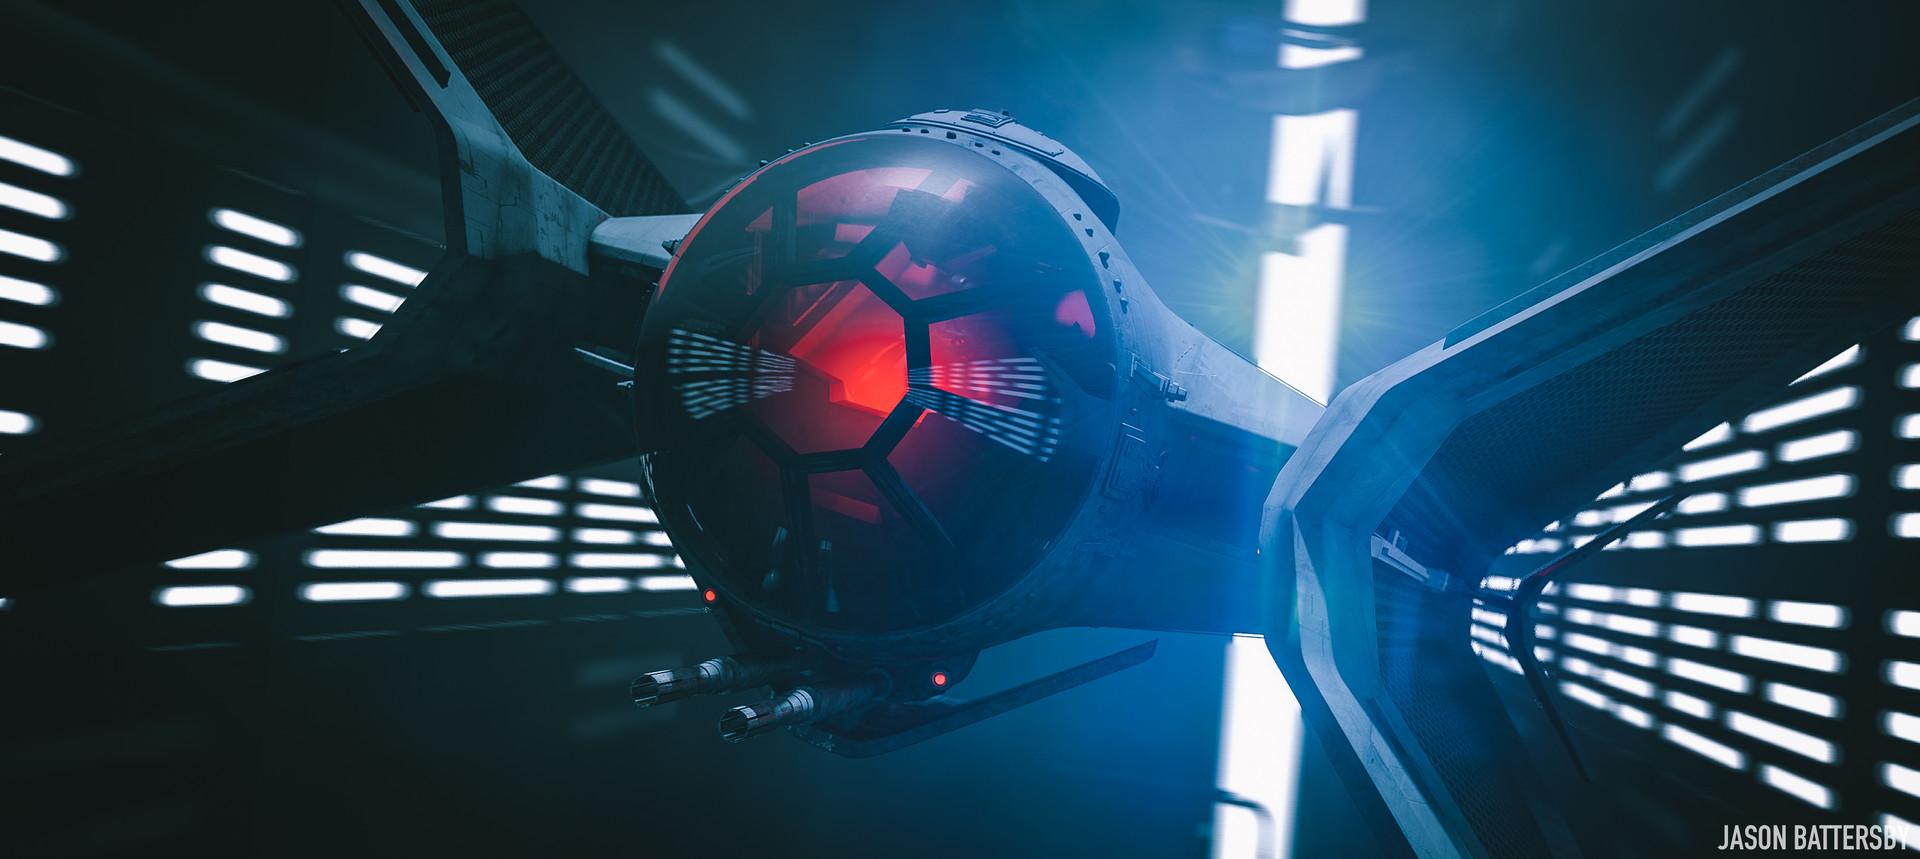 star wars tie photo - 1